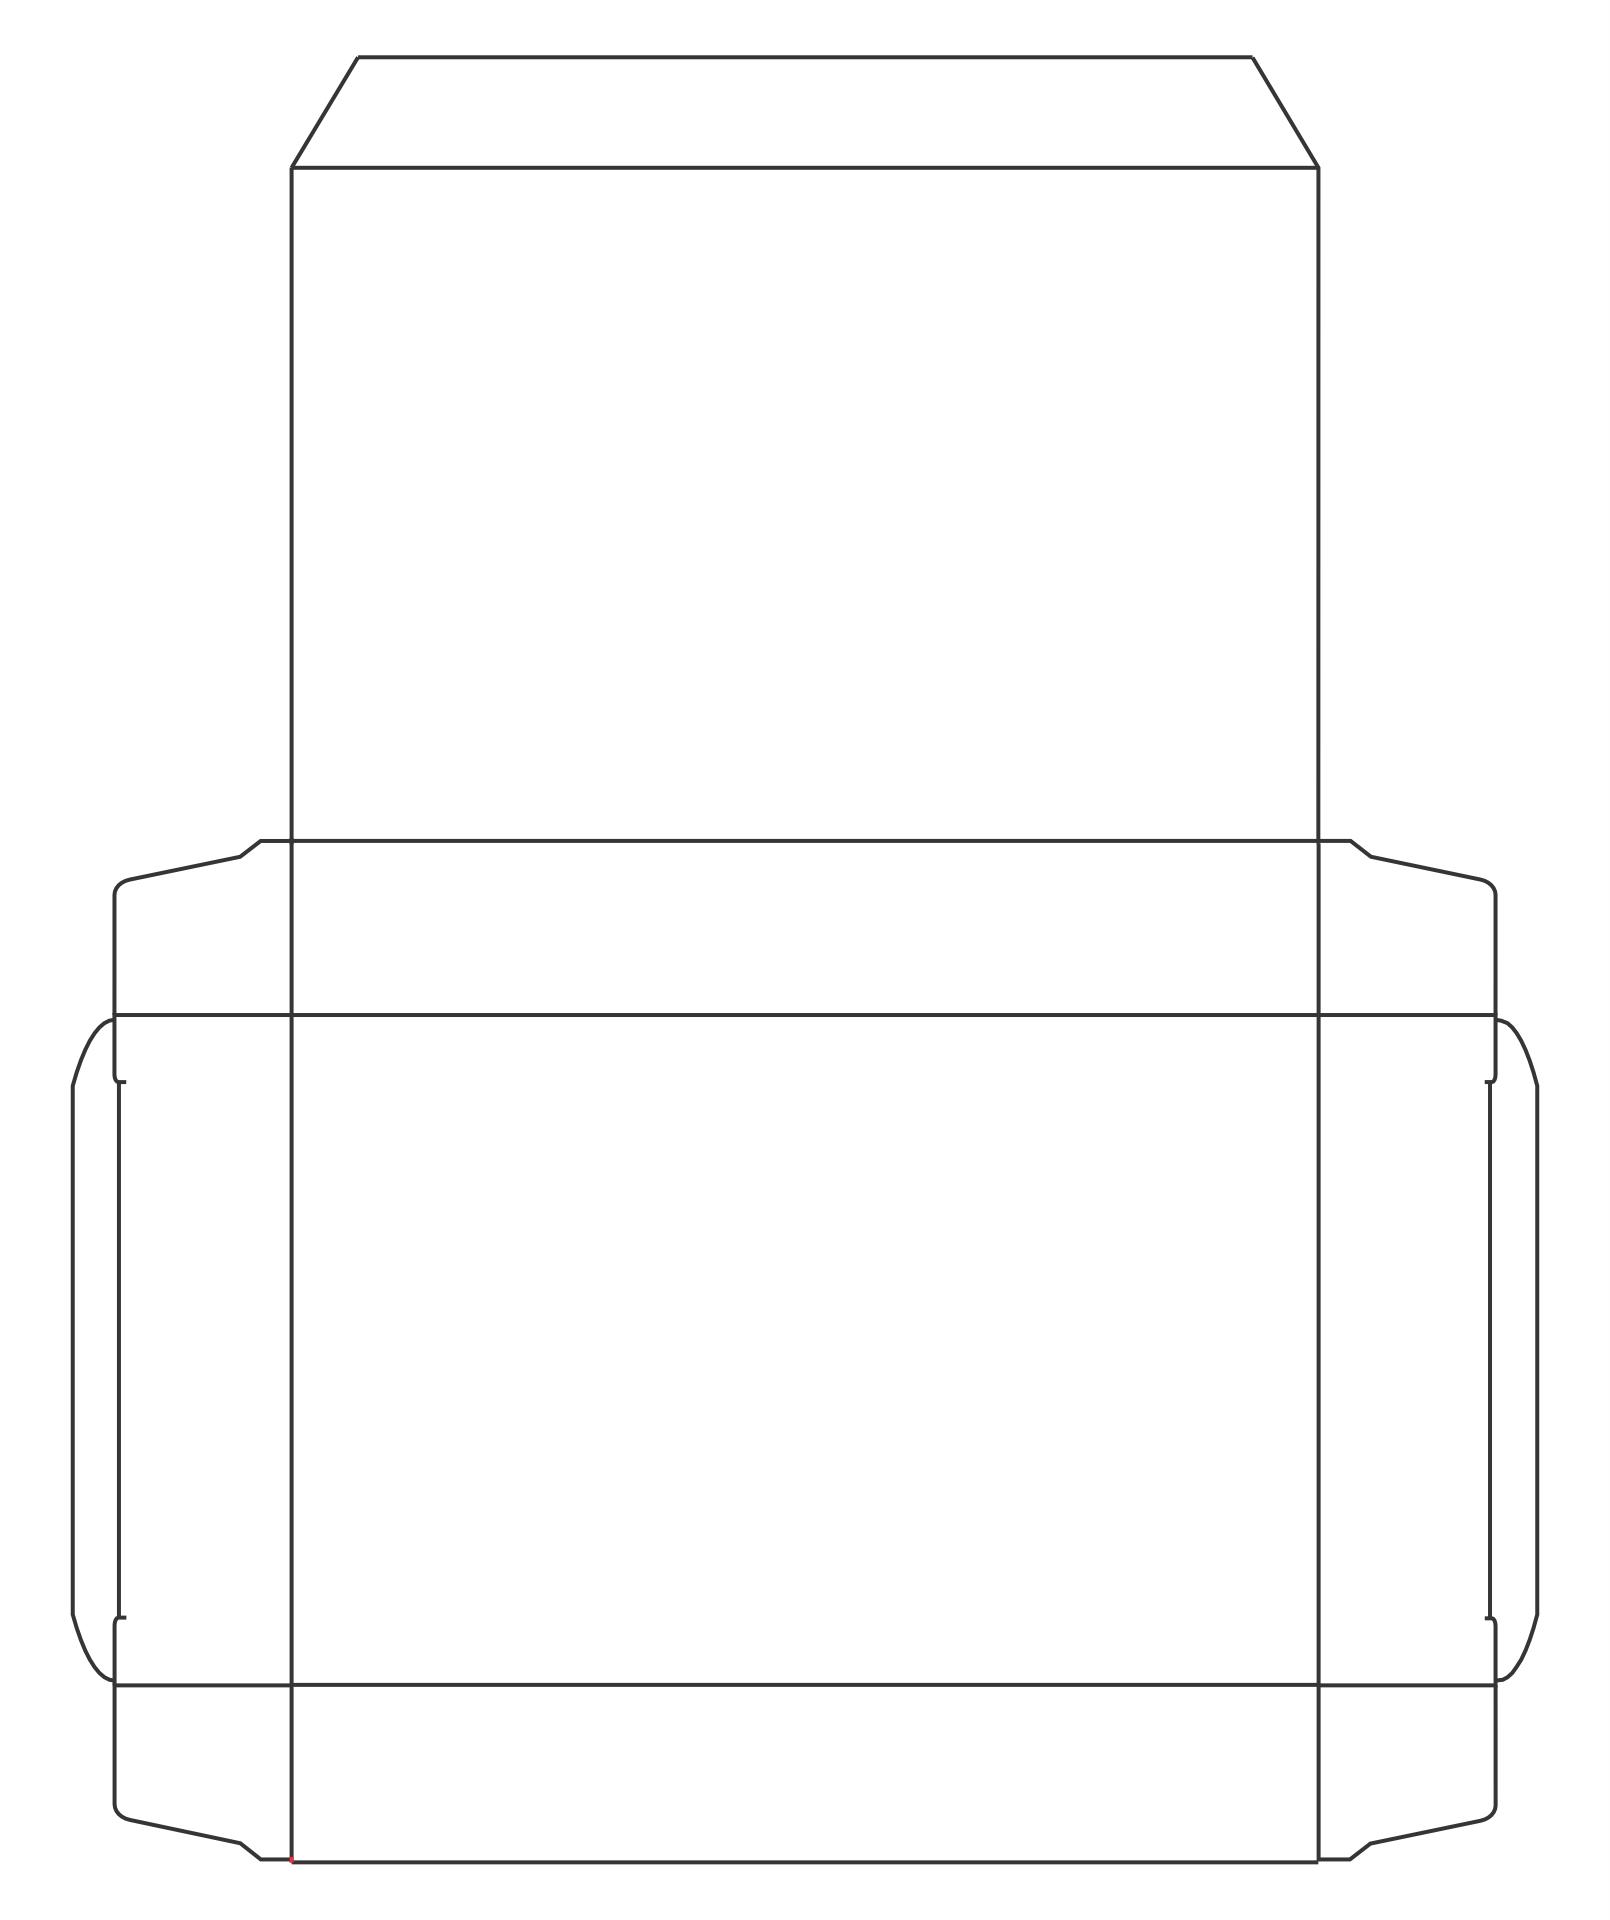 Mini Cereal Box Template